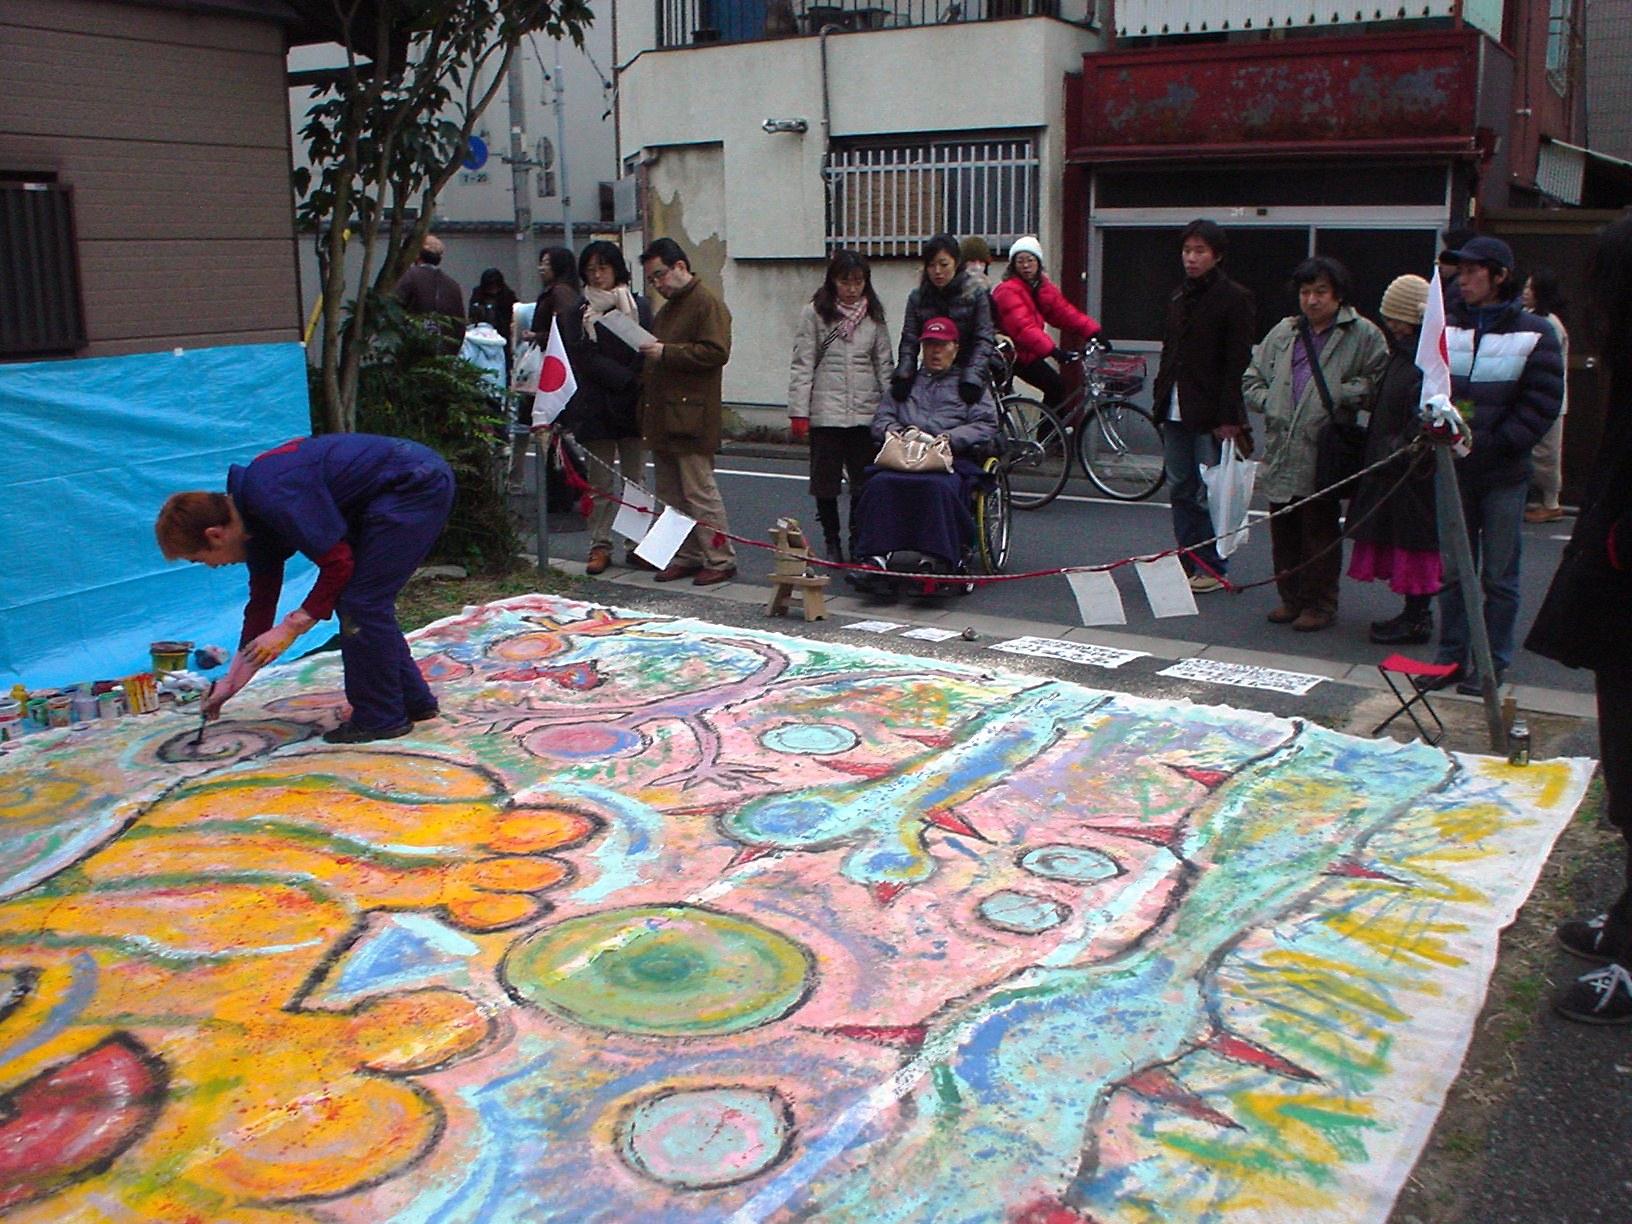 アーティスト「天才ナカムラスペシャル」さんによるライブアート!道行く人誰もが足を止めていきます。